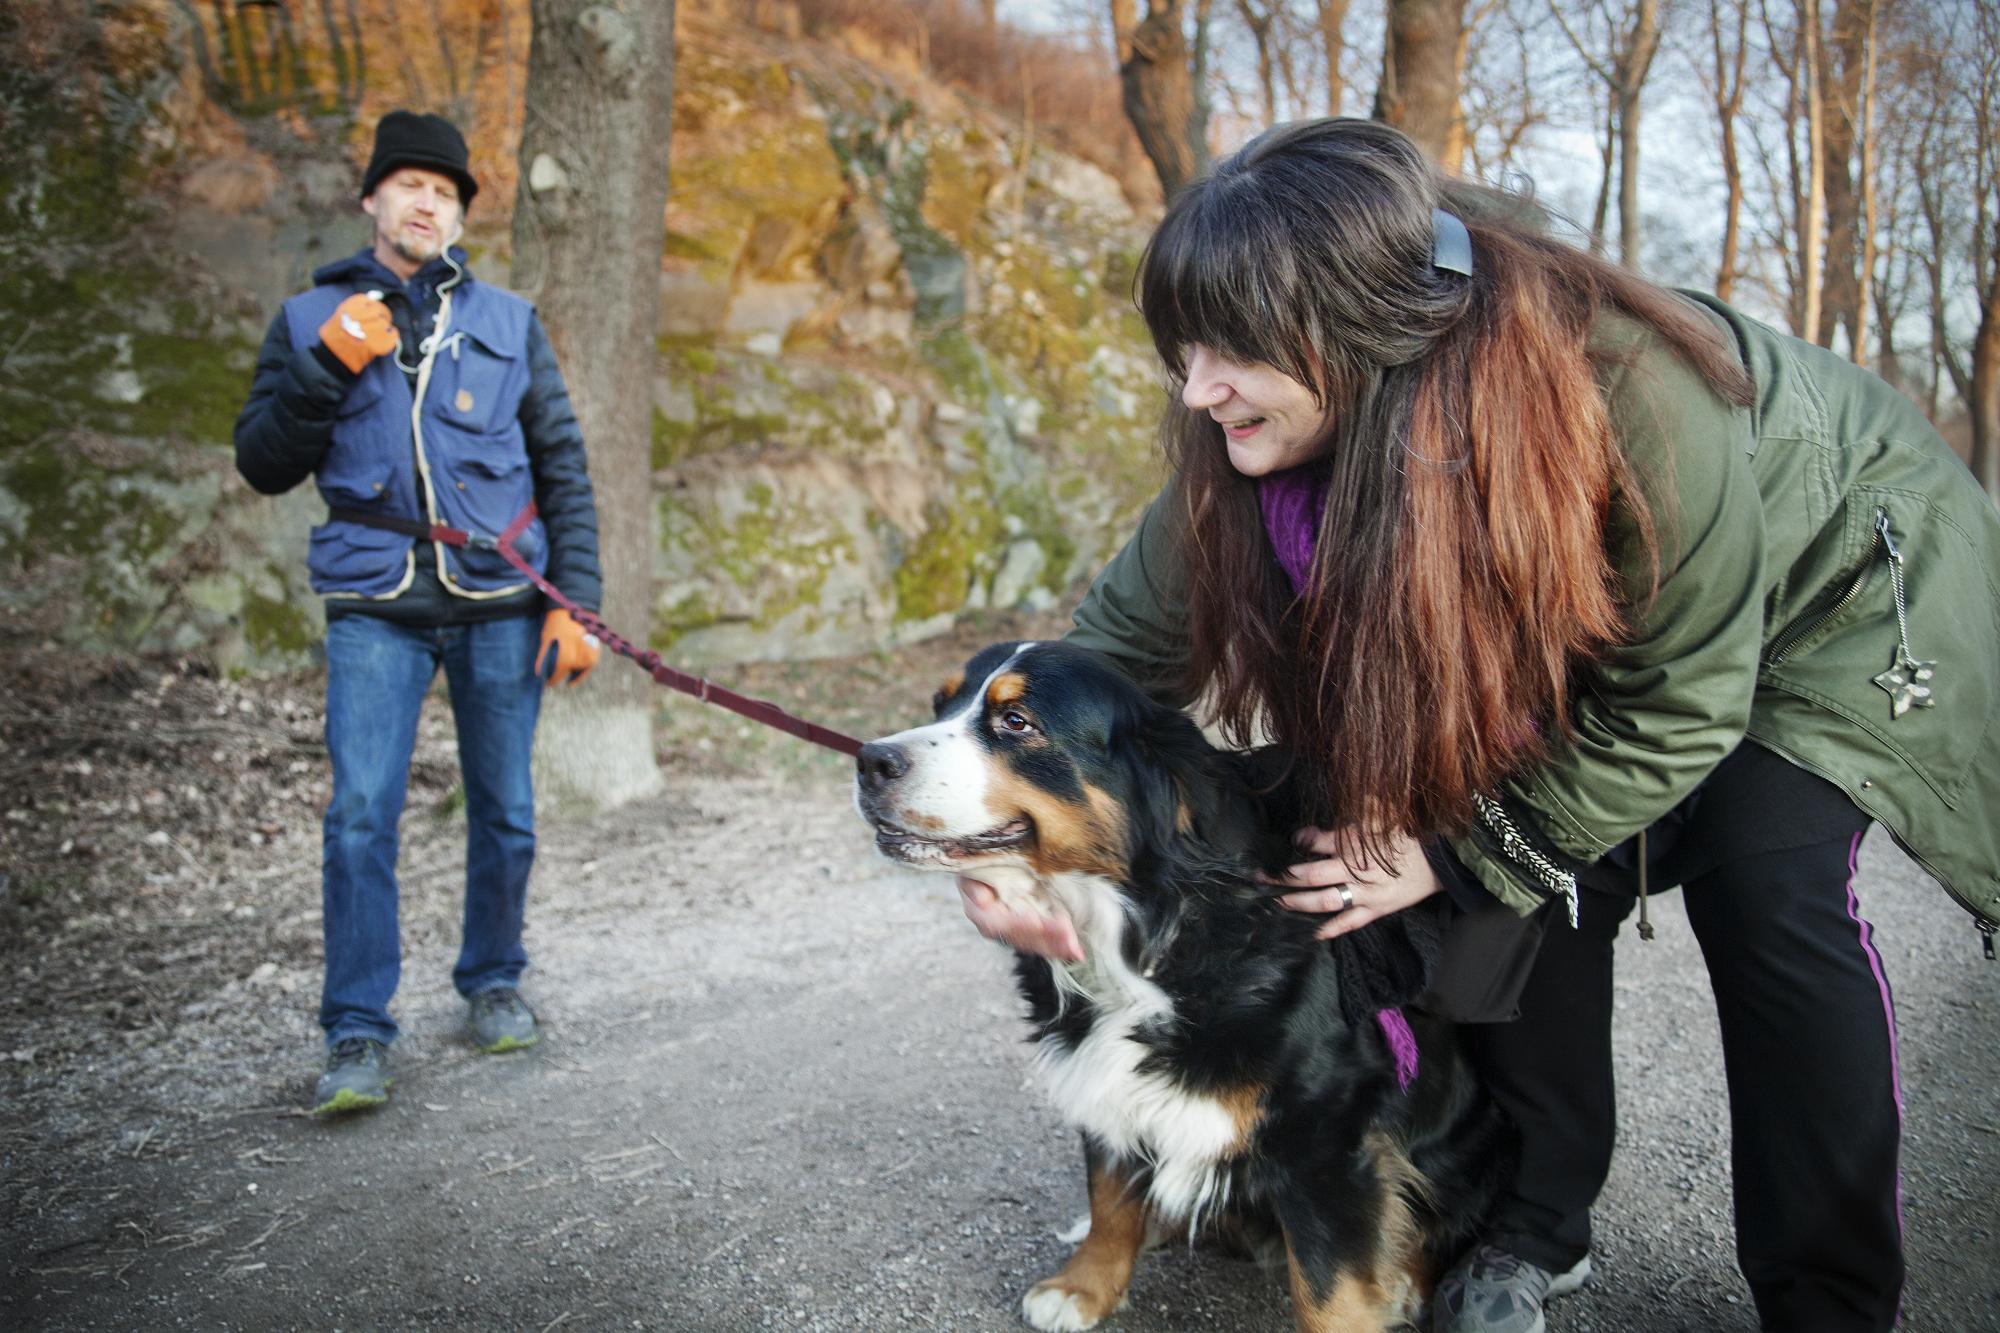 <span>– Jag vill helst krama stora hundar, men hälsar på alla hundar, från den minsta Chihuahua till största Mastiffen, säger Mia Wallerud som här ger Berner Sennentiken Ronja en stor kram.</span>